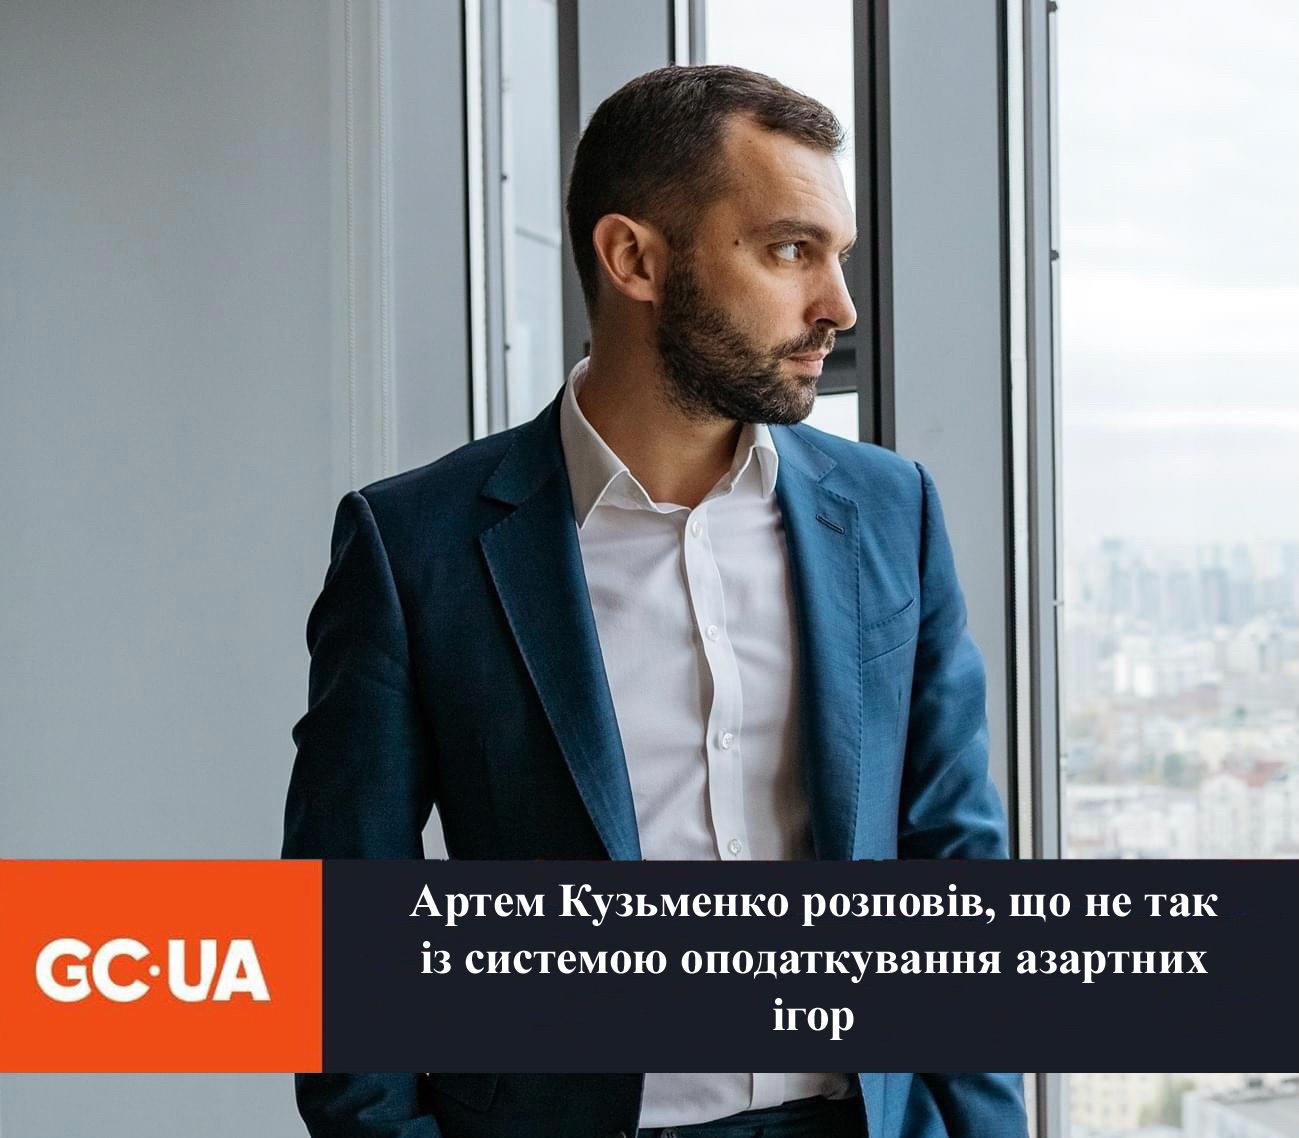 Заступник Голови правління GC-UA Артем Кузьменко розповів про проблеми, які вбачає у системі оподаткування грального бізнесу